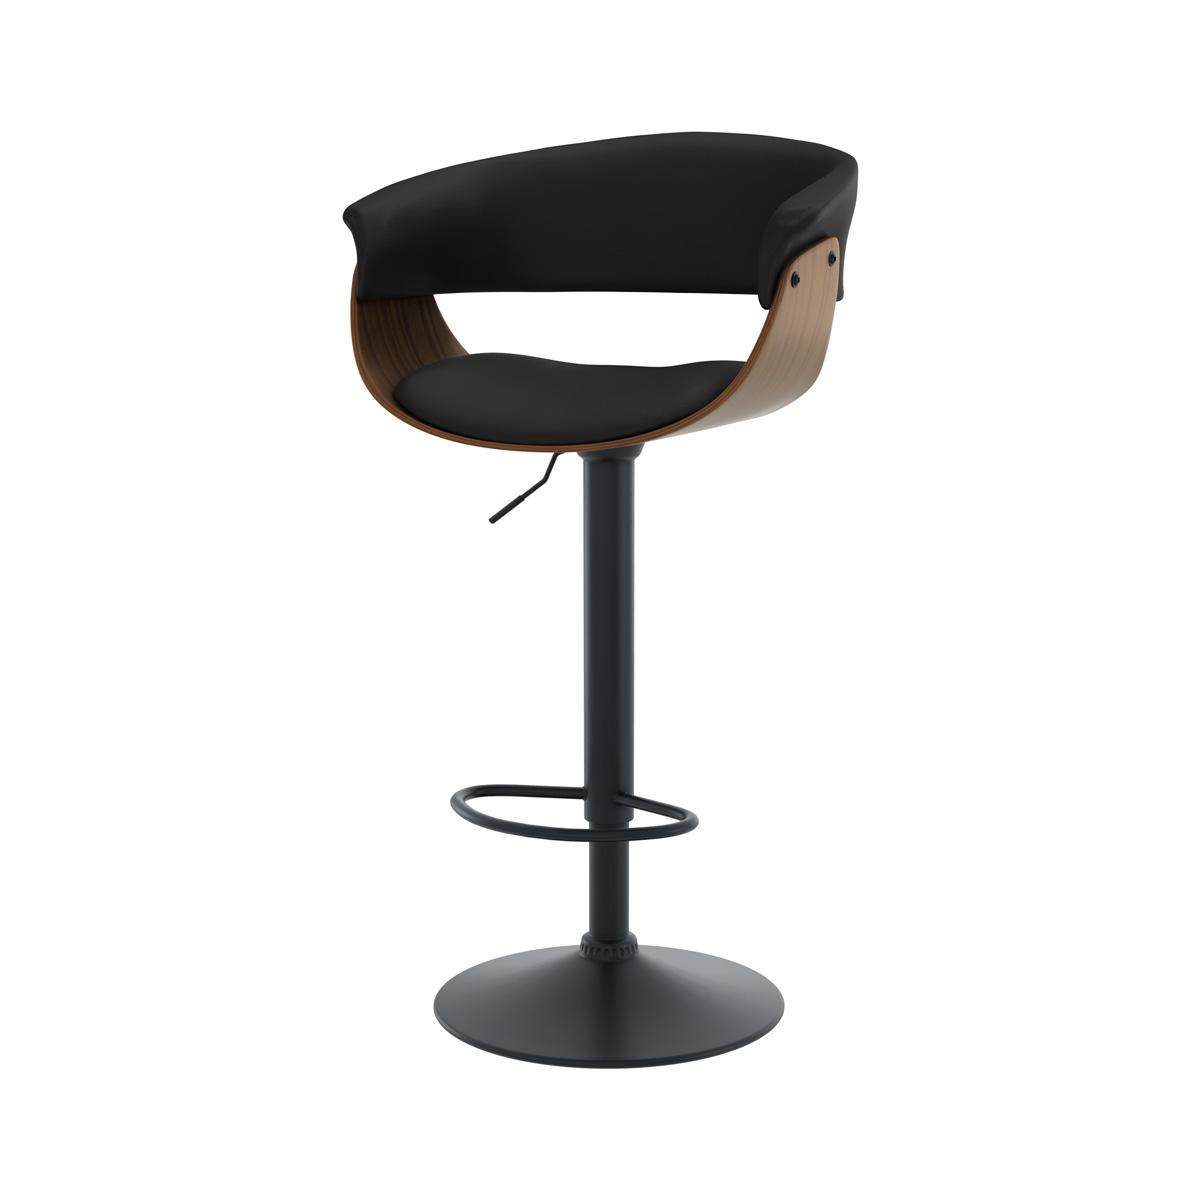 Chaise de bar réglable 65.5/81 cm en cuir synthétique noir